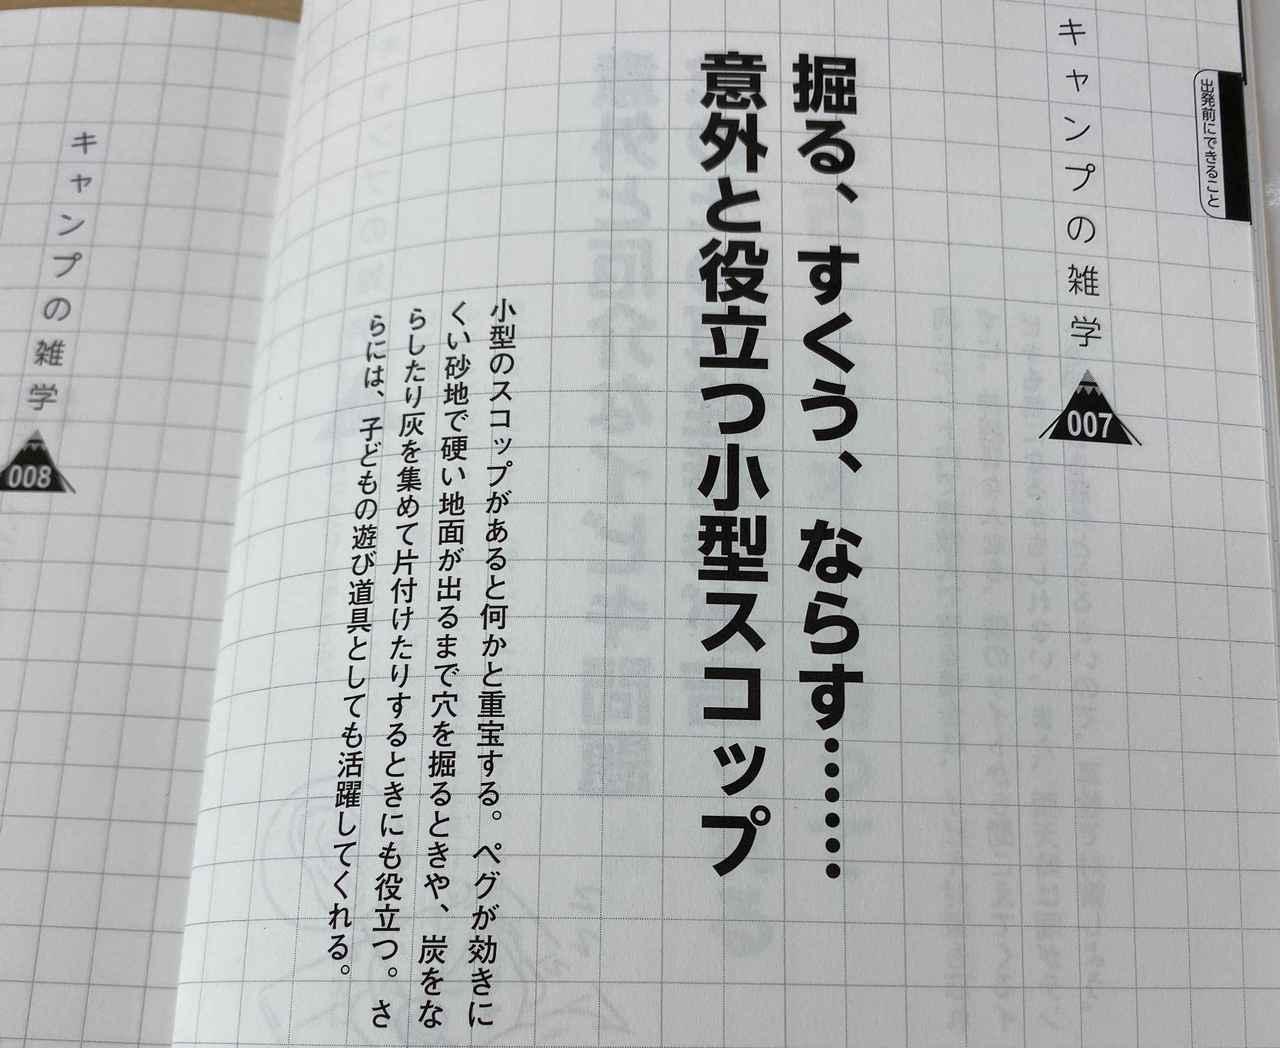 画像1: 「キャンプ雑学大全 2020 実用版より」 www.amazon.co.jp